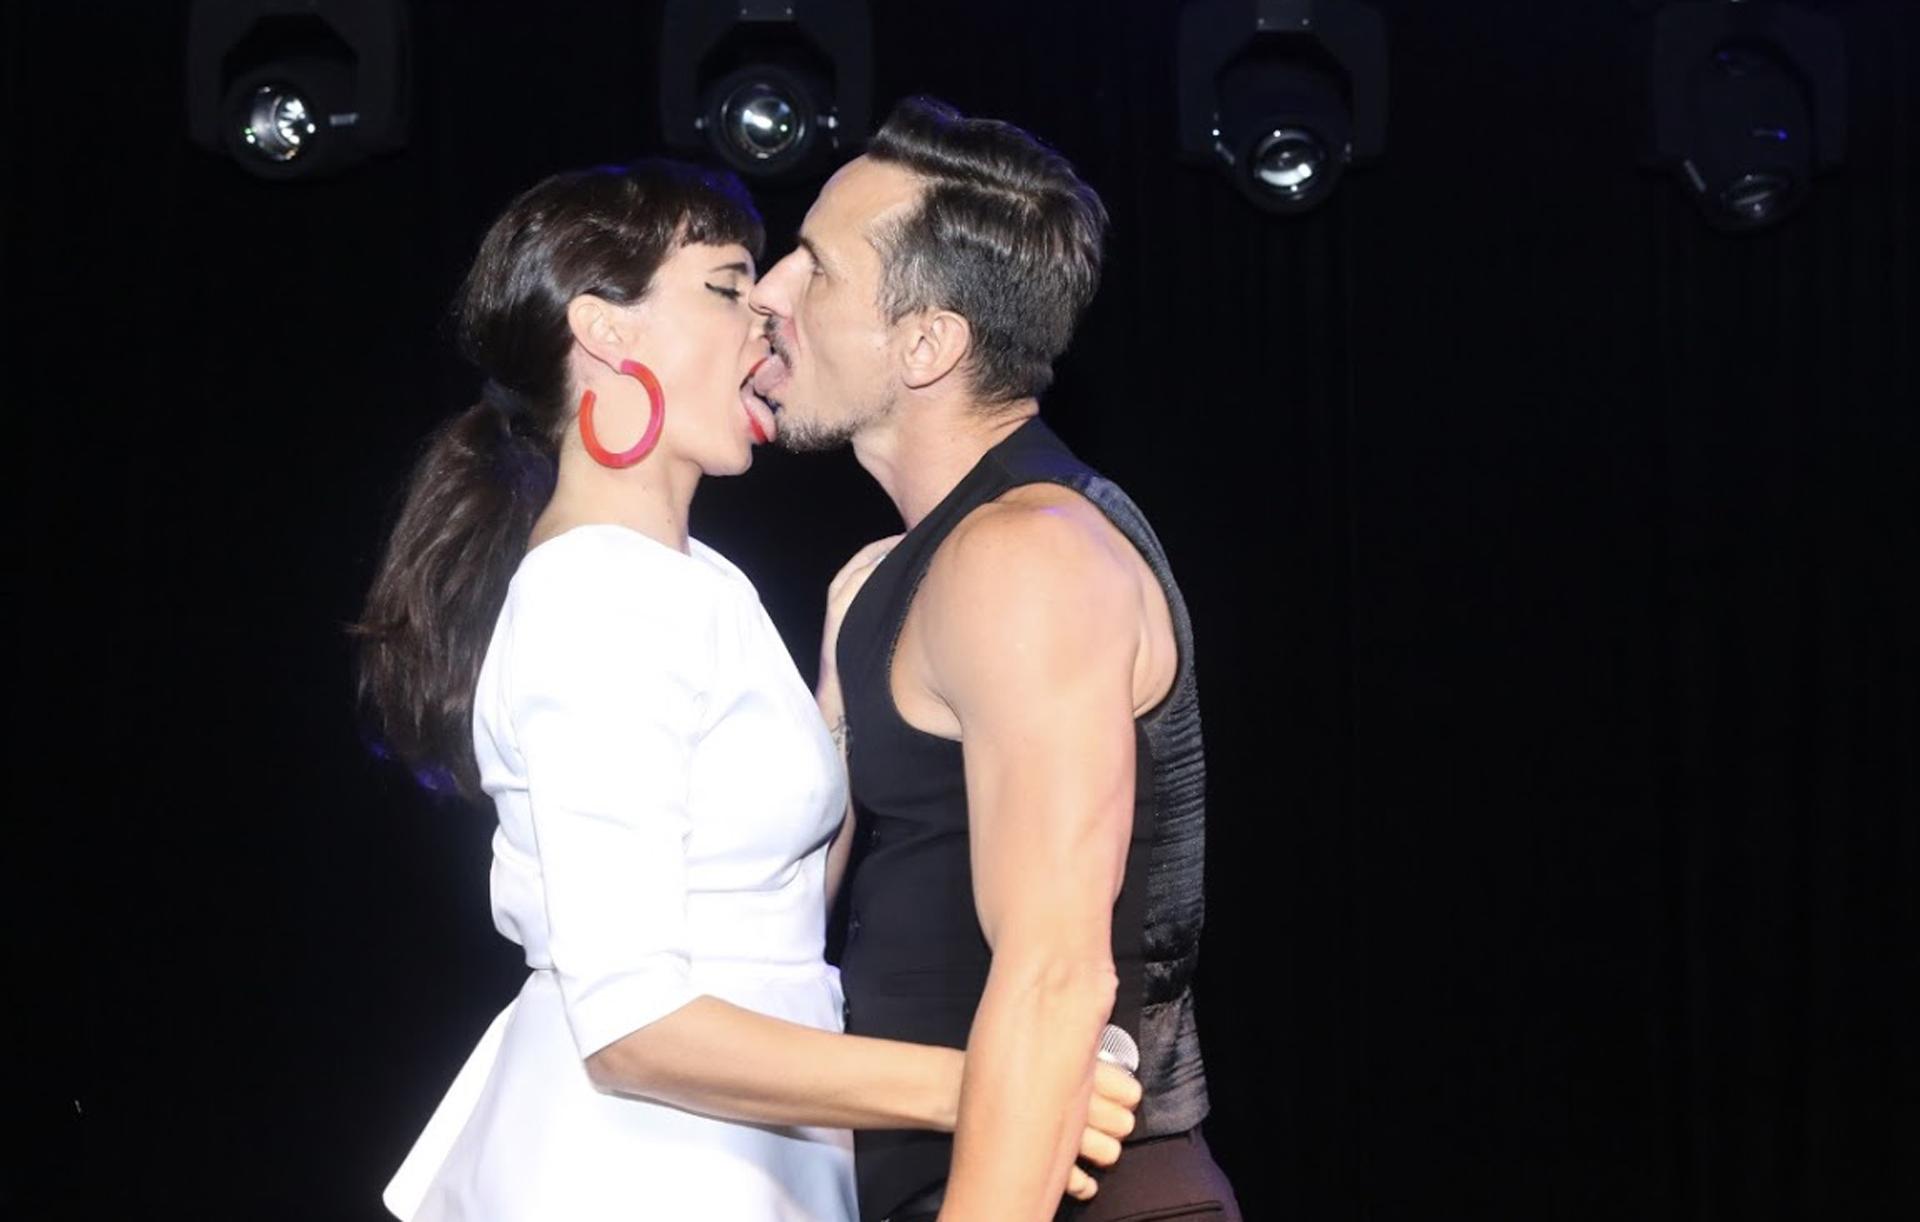 El apasionado beso entre Griselda Siciliani y Carlos Casella